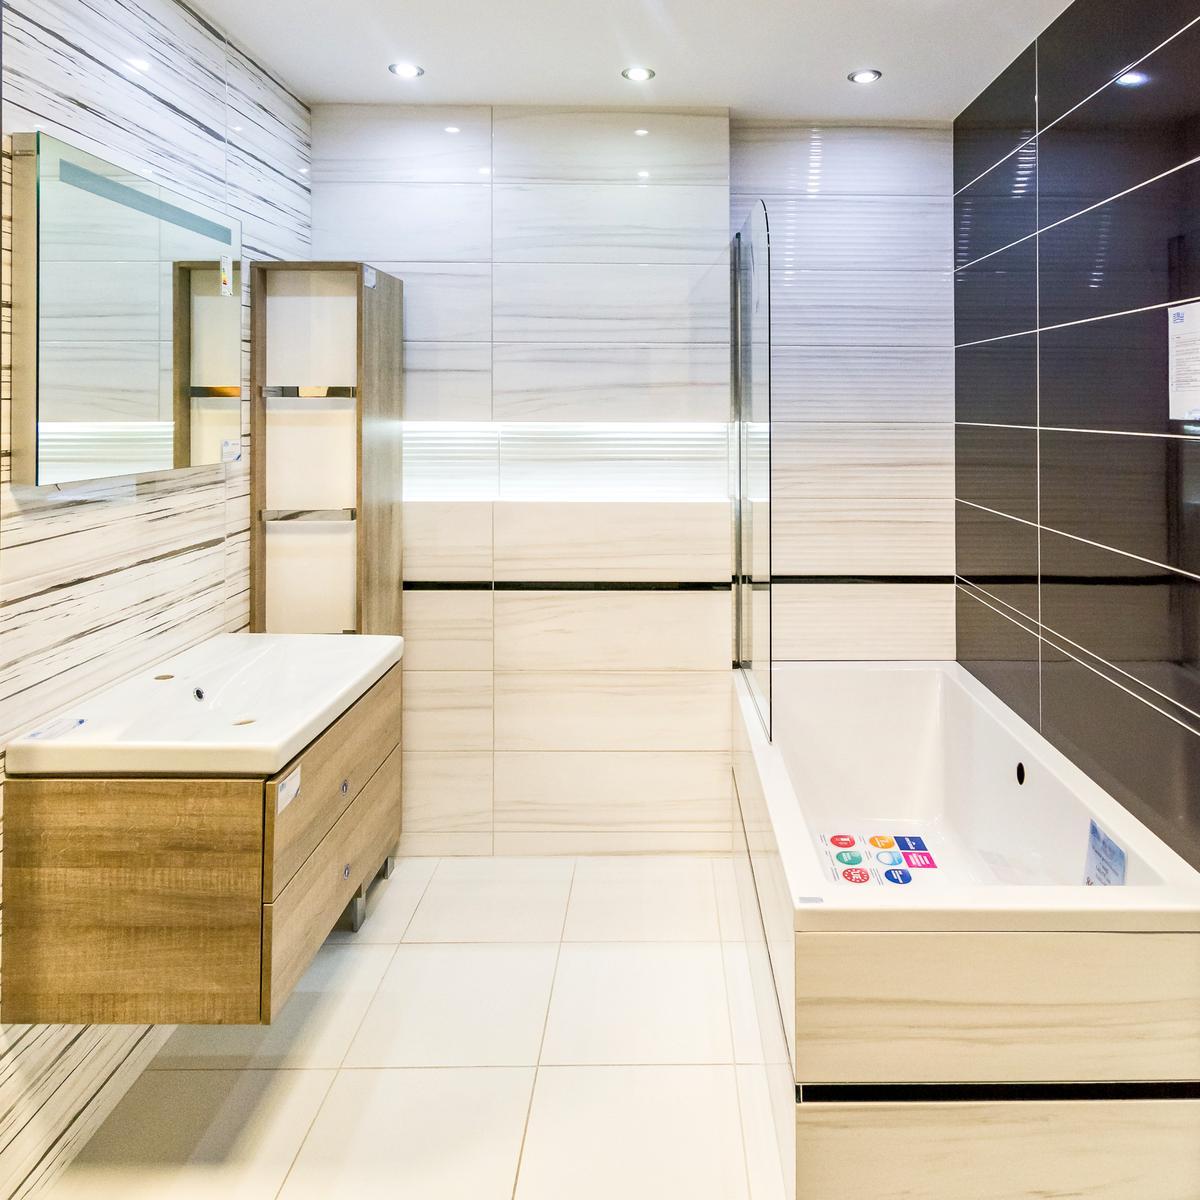 Kreski, paski, smugi - Opoczno Artistic Way - zdjęcie od BLU salon łazienek Włocławek